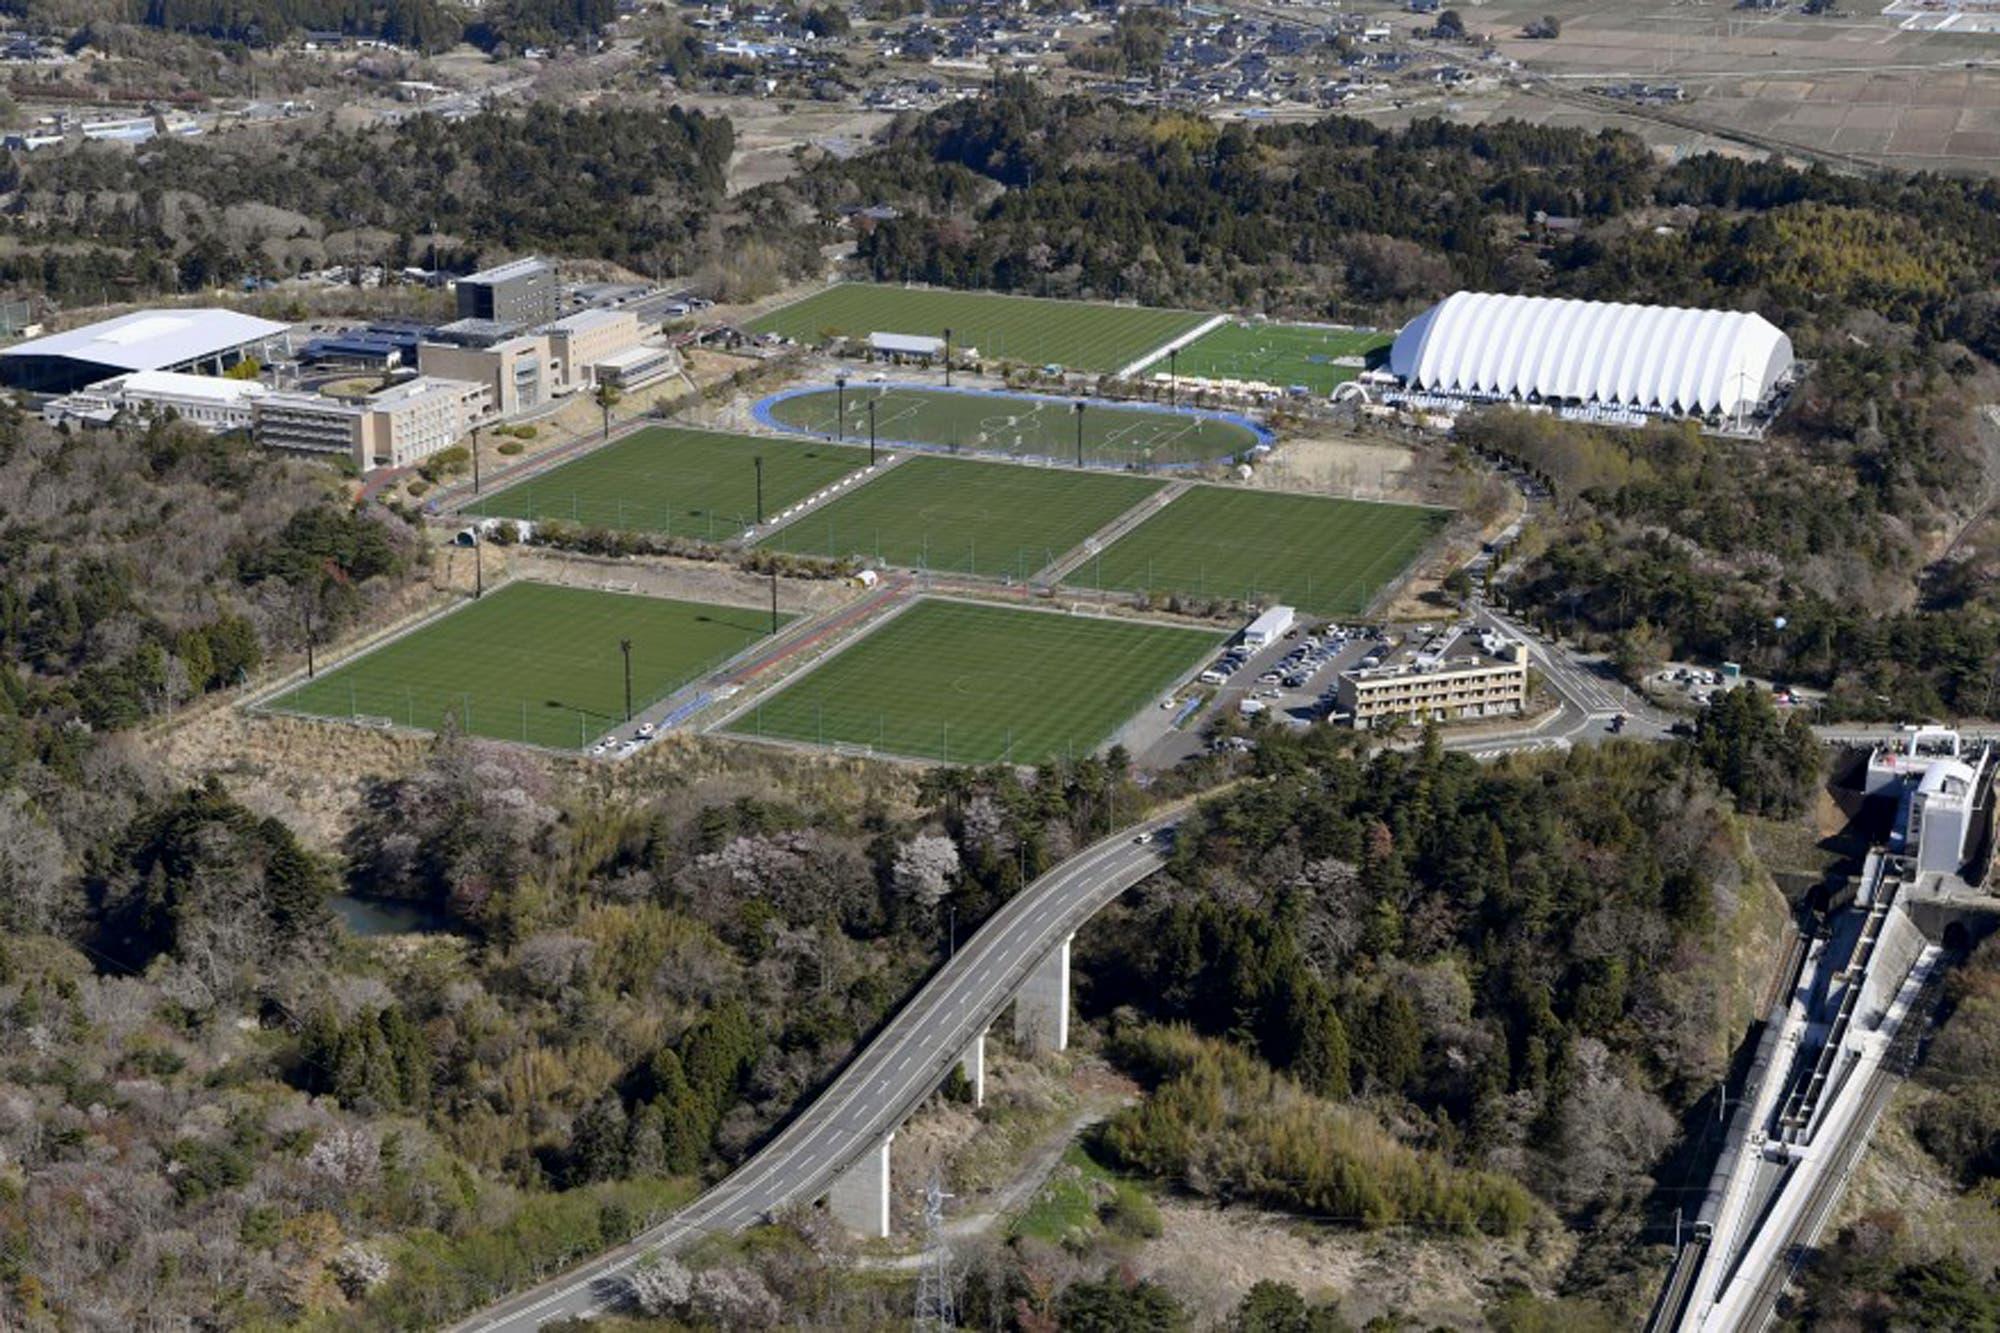 Mundial de rugby. Cómo es el búnker para la concentración de Los Pumas en Japón